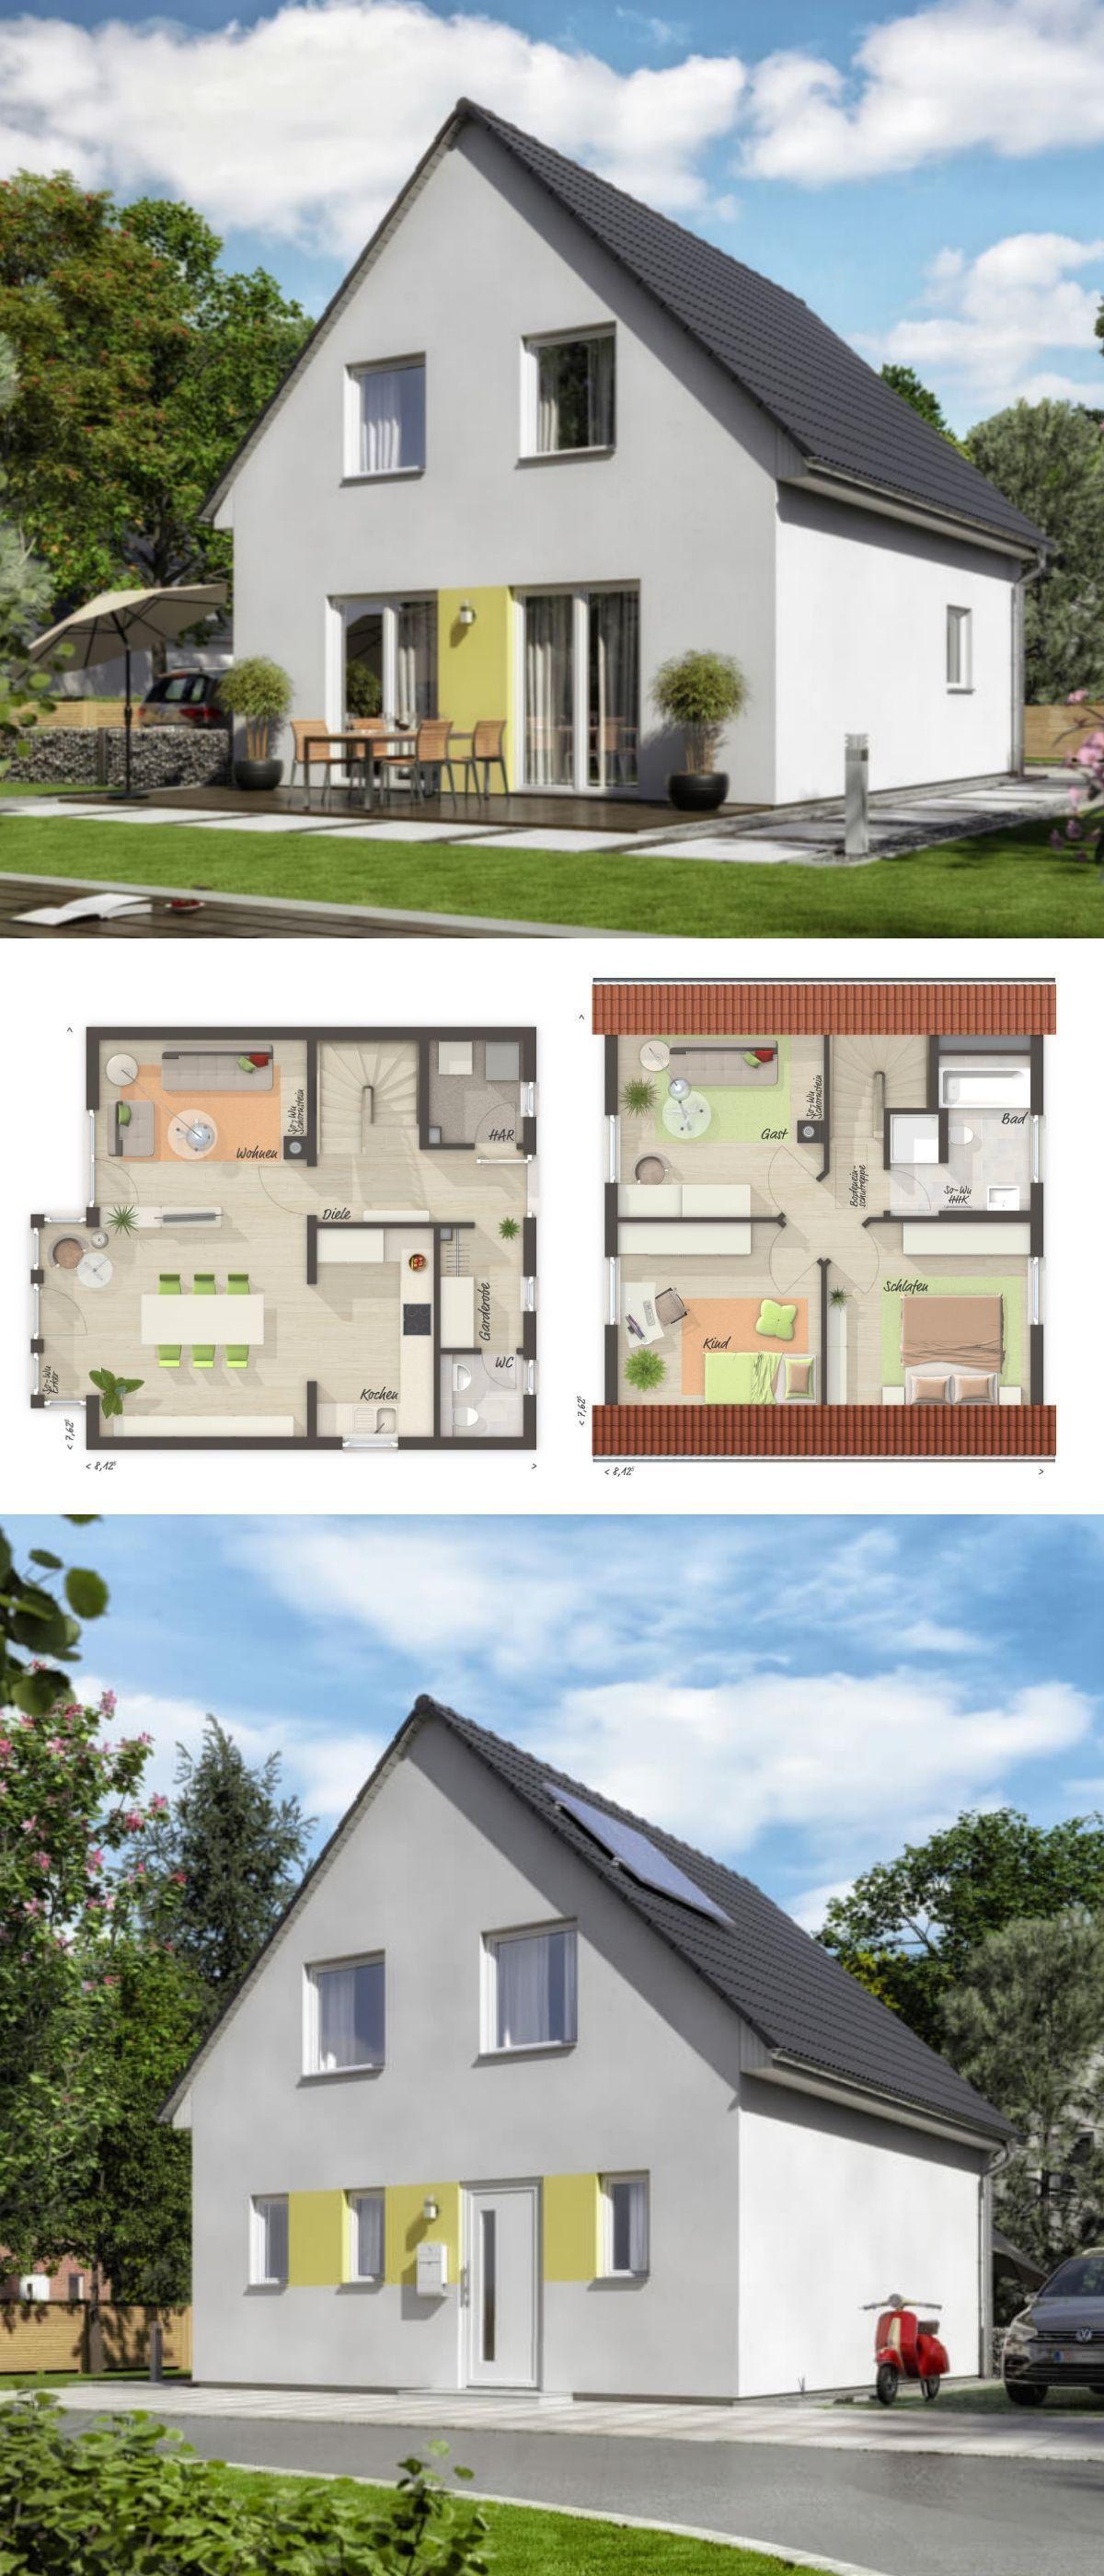 Einfamilienhaus neubau modern grundriss klassisch mit for Architektur klassisch